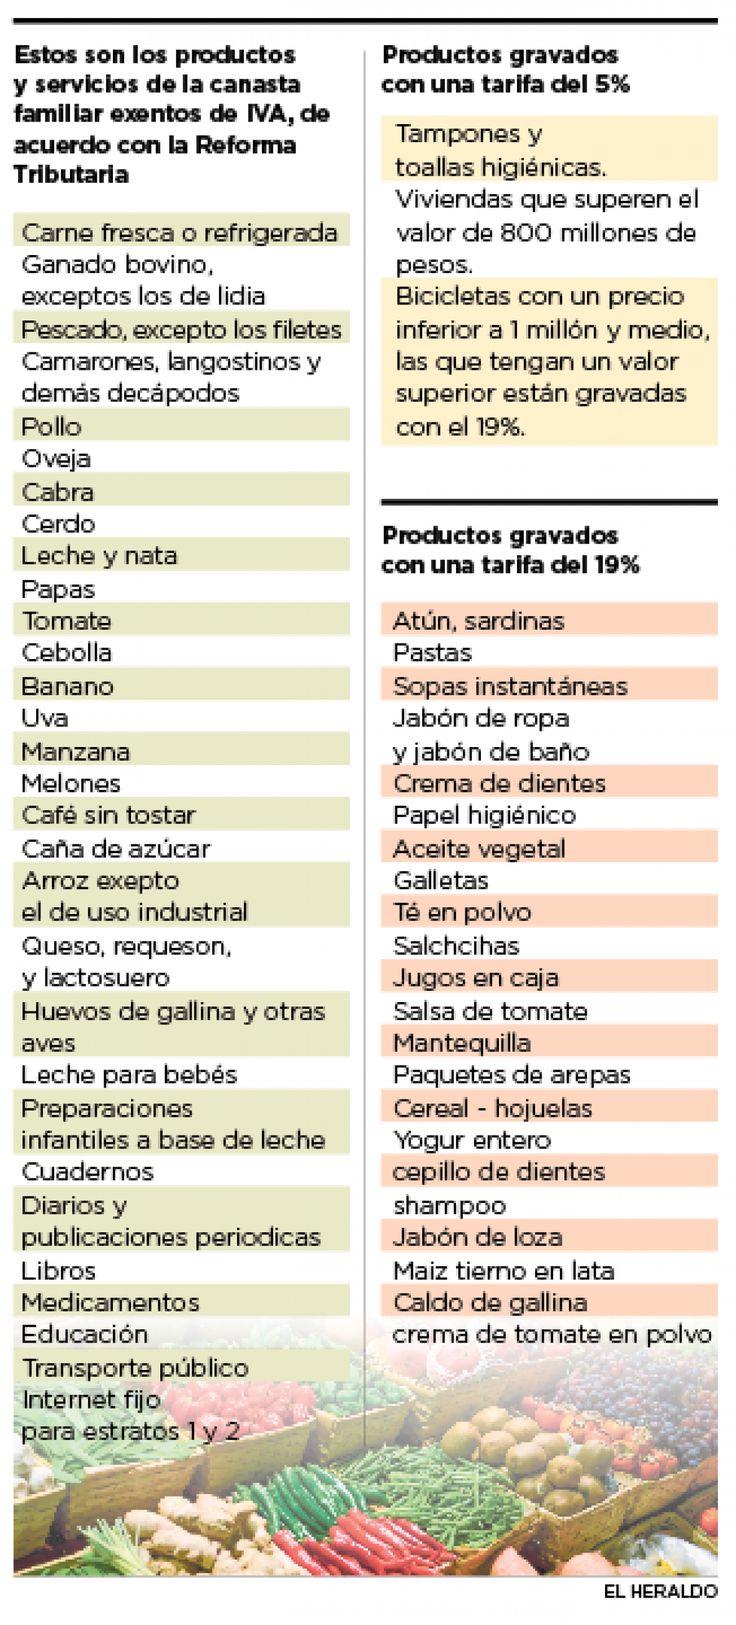 Tome nota de los productos de la canasta familiar que deben pagar IVA | El Heraldo